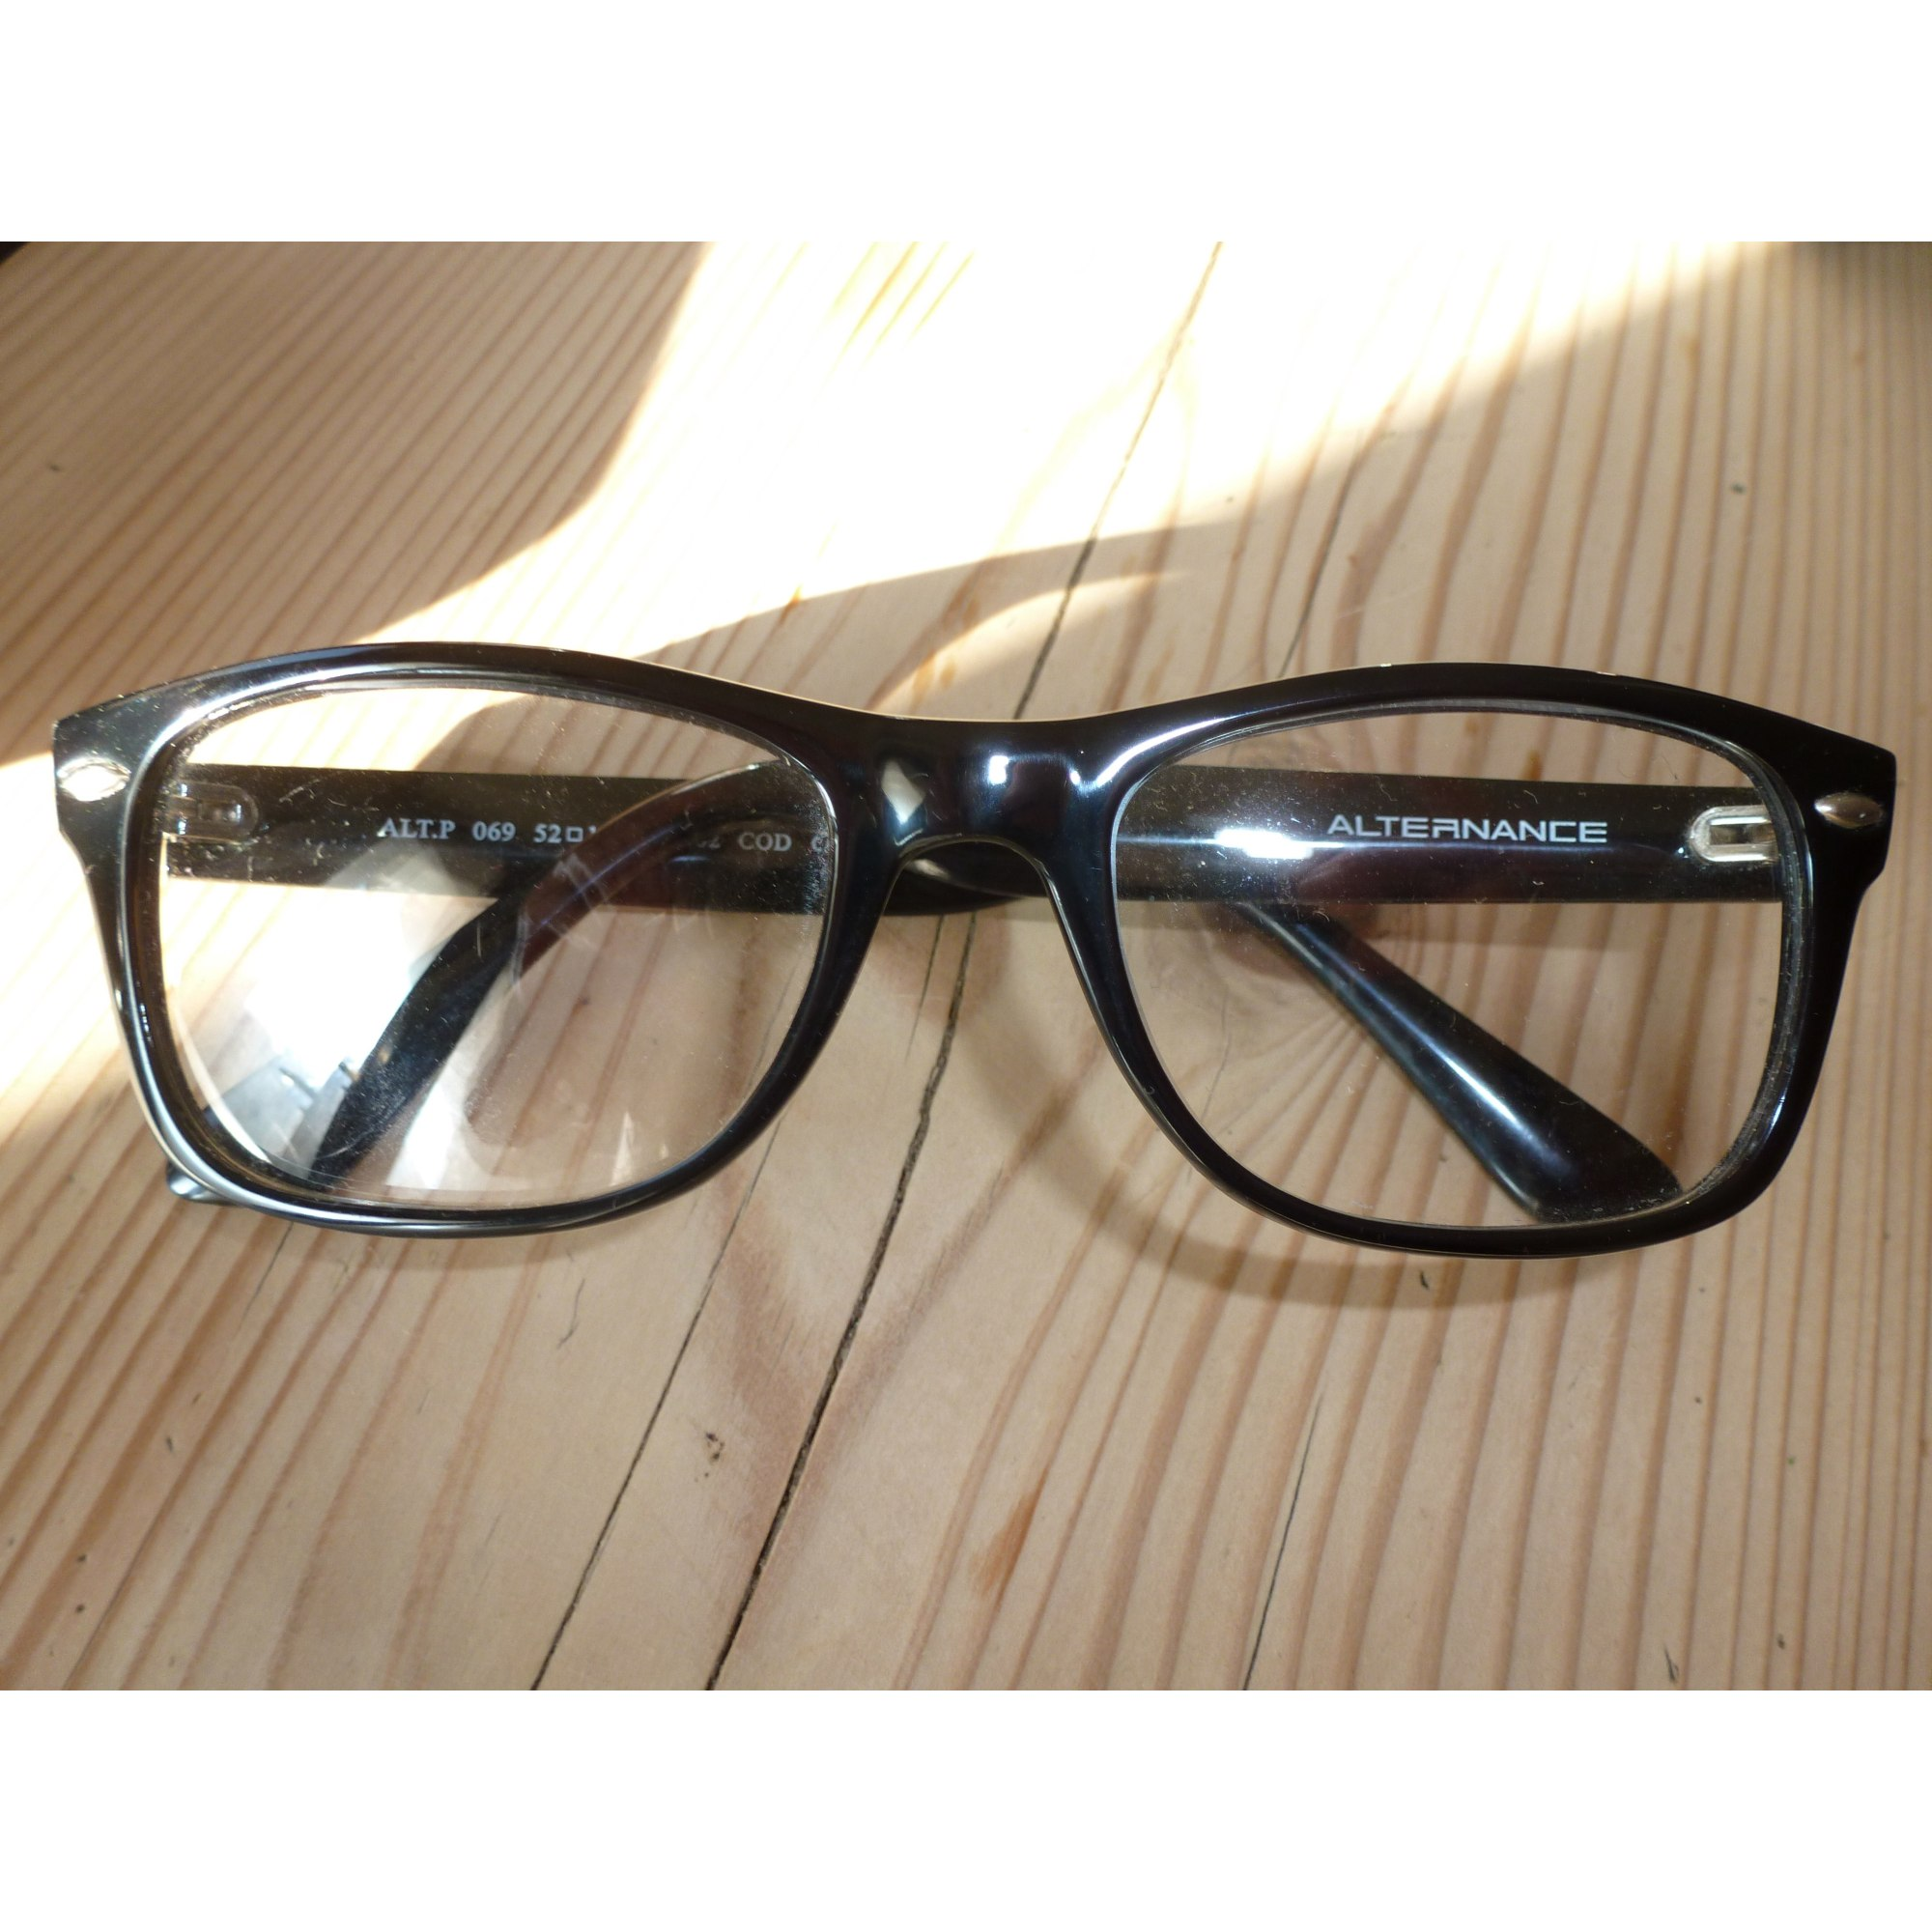 Monture de lunettes ALTERNANCE noir vendu par Landeve79349 - 4127565 1788708ed4cb